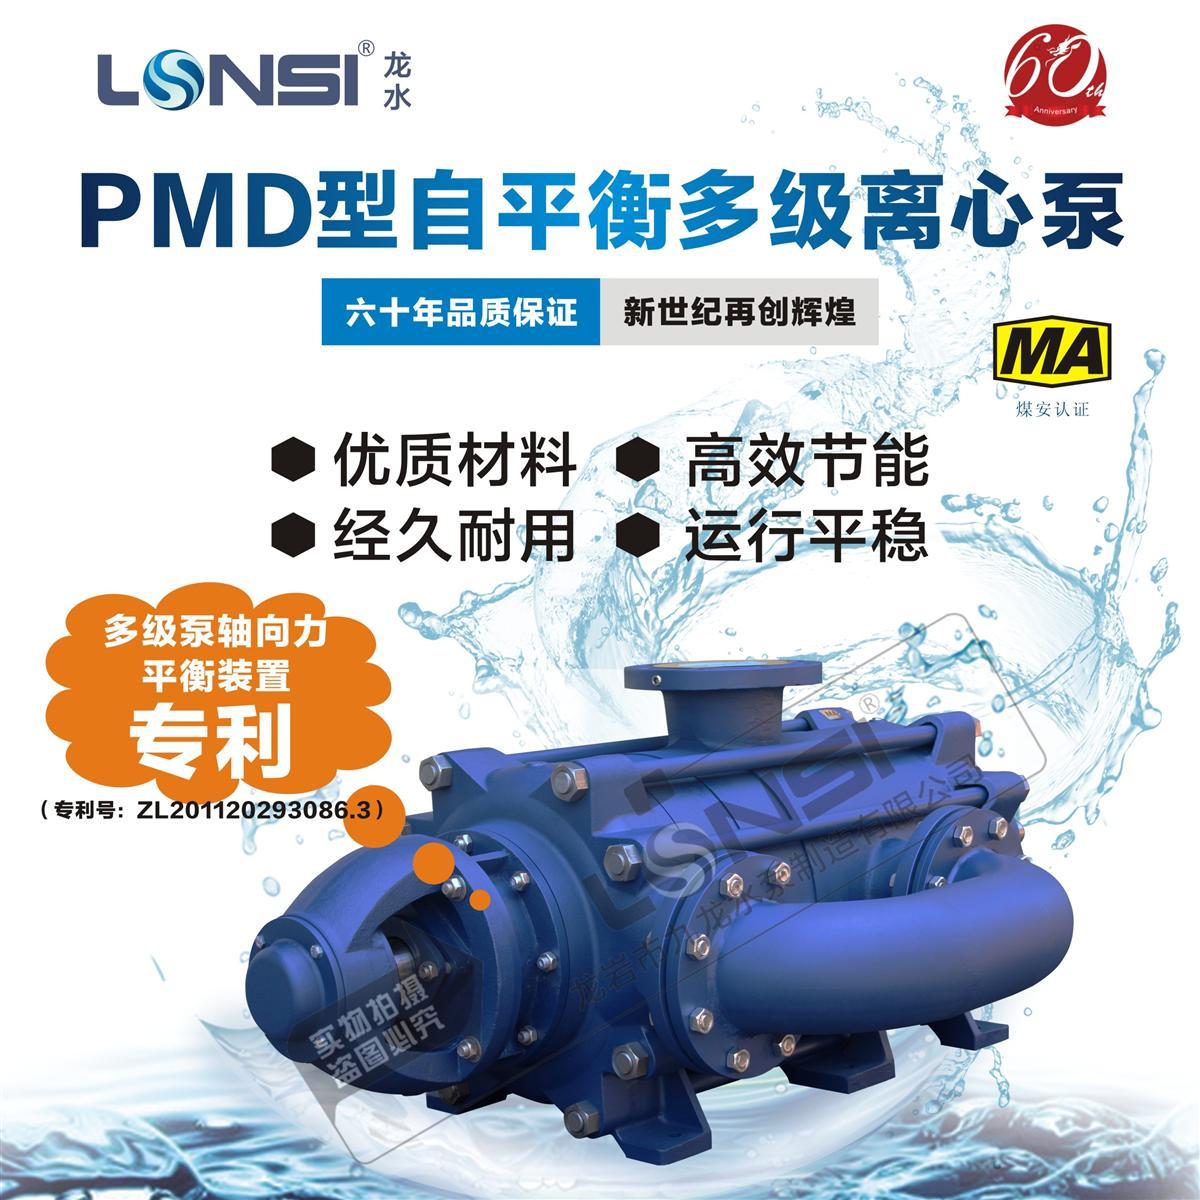 厂家直销LONSI/龙水牌PD、PMD、PDF卧式自平衡多级离心泵卧式自平衡专利清水泵多级泵轴向力热水泵油泵耐腐蚀